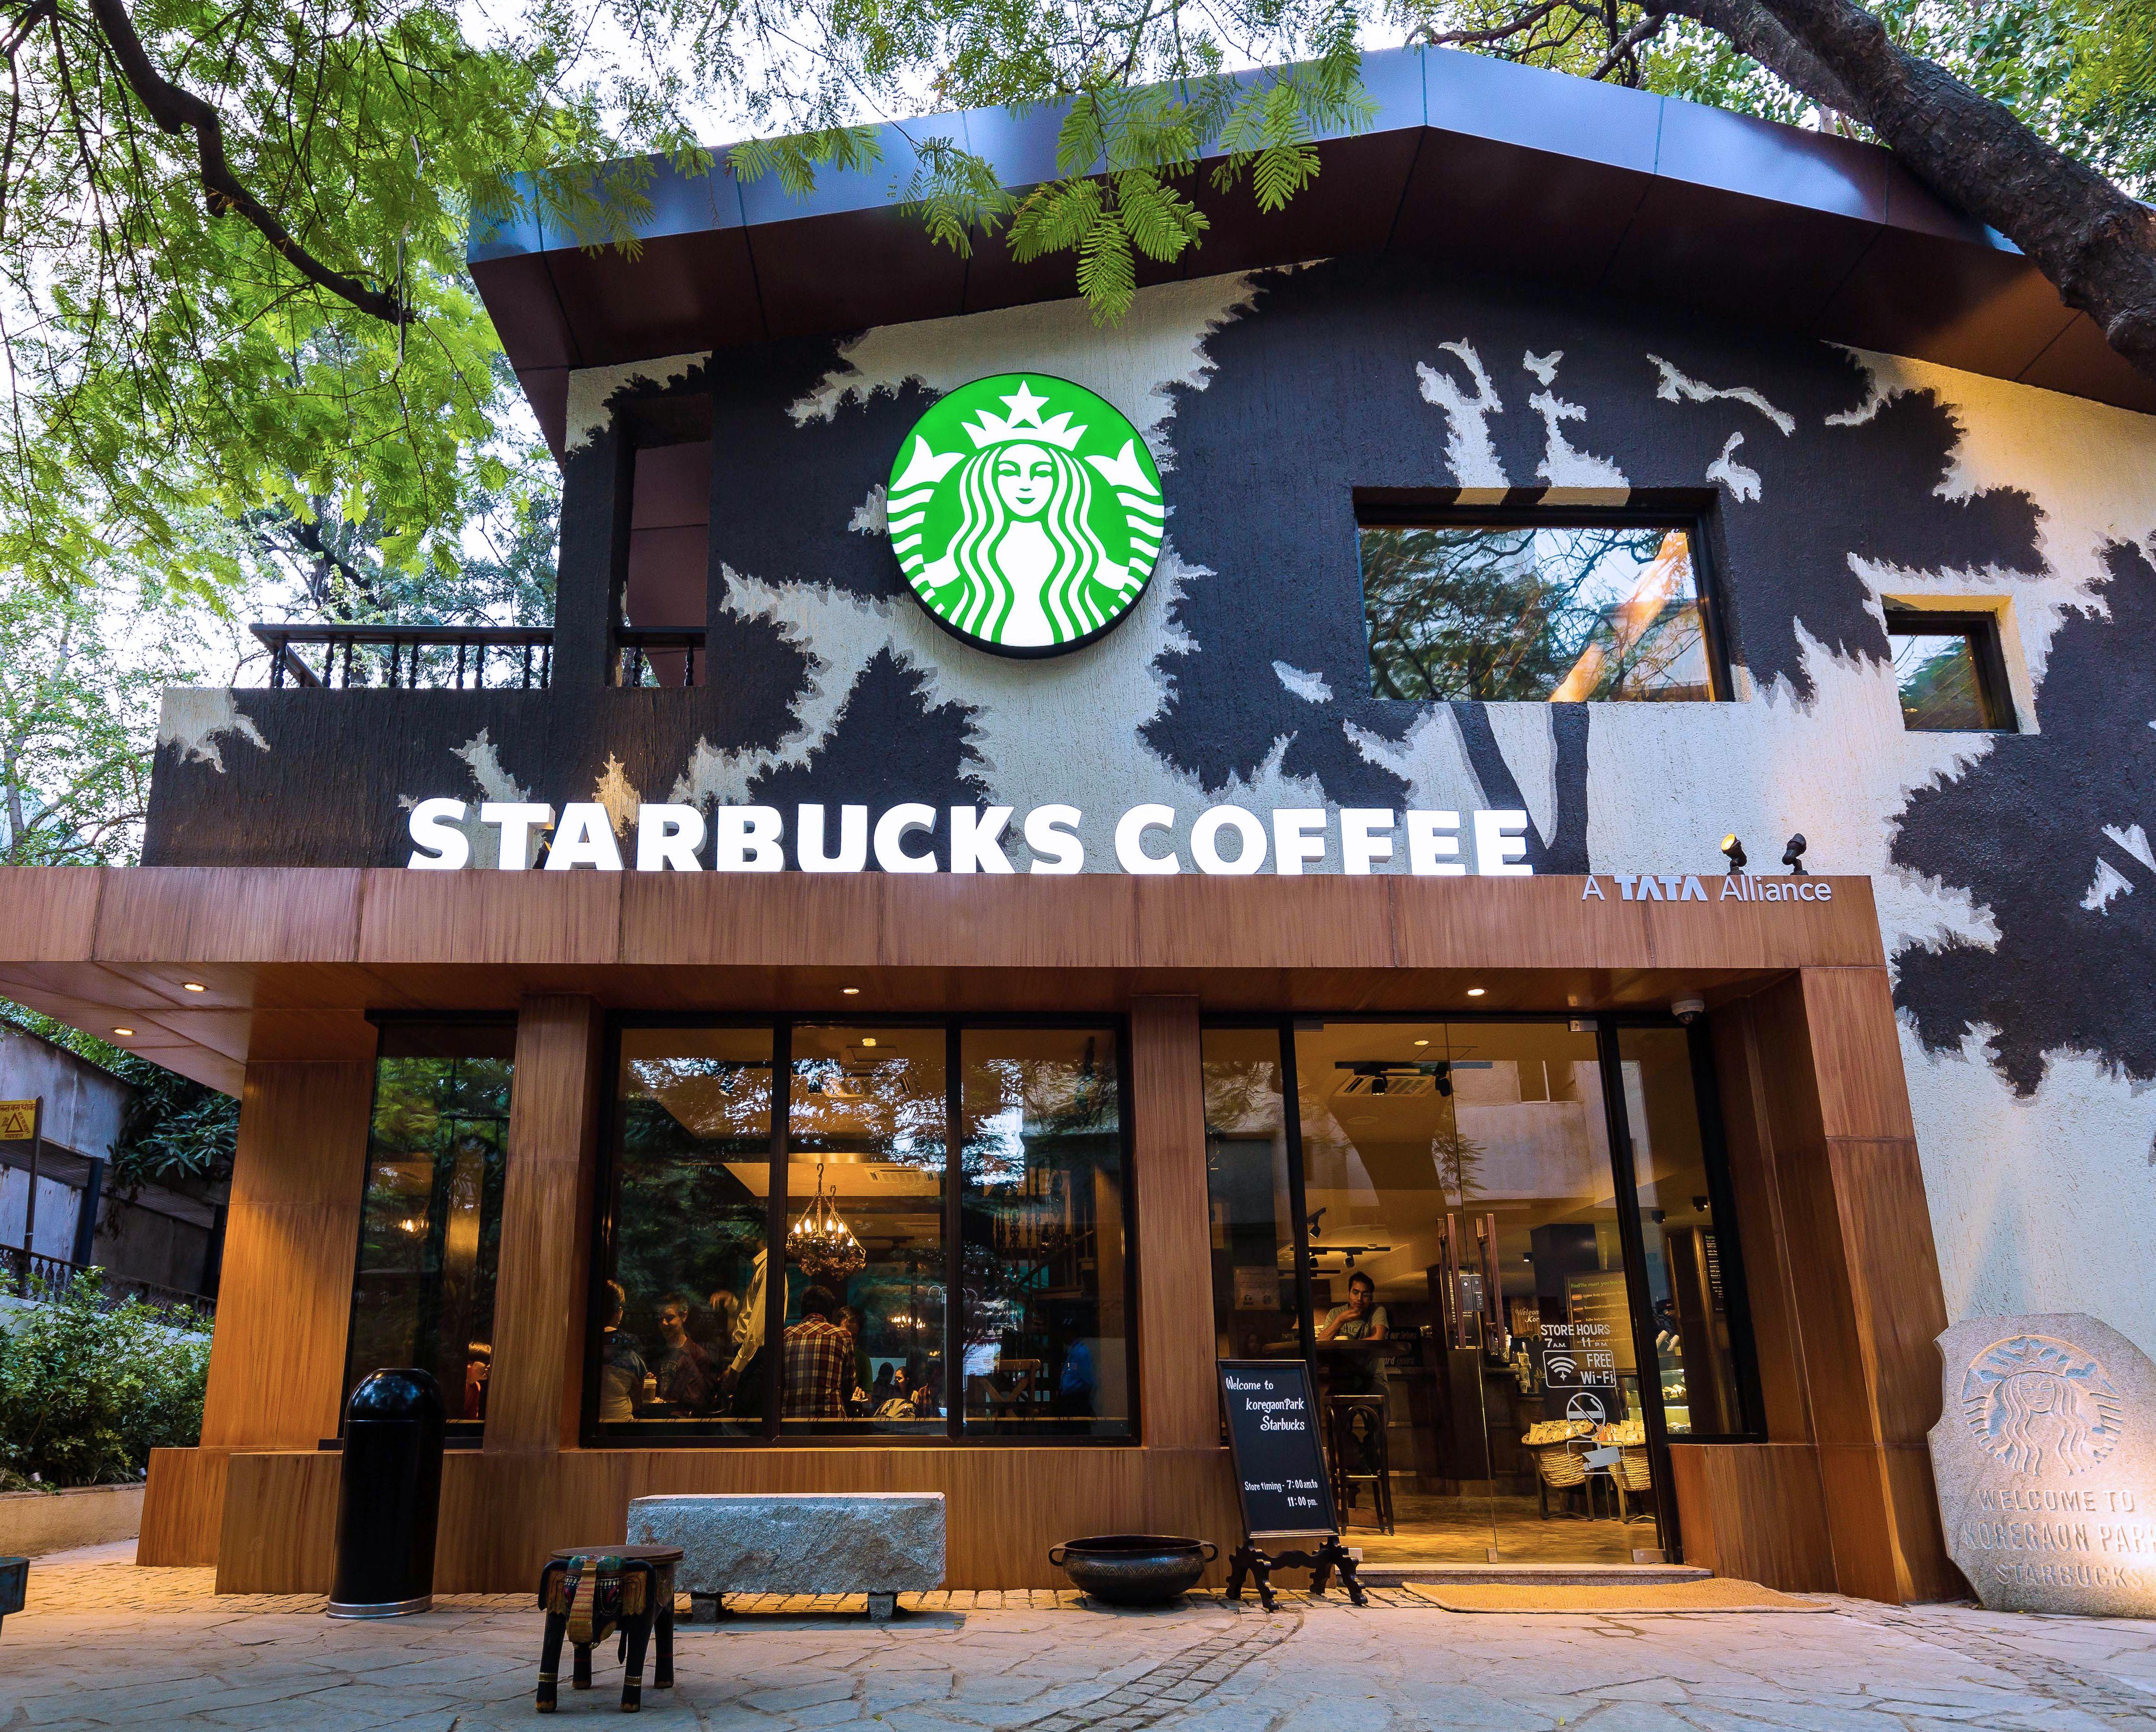 Der ÖkoWorld Ökotrust ist unter anderem stark in Anleihen von Starbucks investiert. Im Bild eine Filiale der US-amerikanischen Kaffeehauskette. / Foto: Starbucks